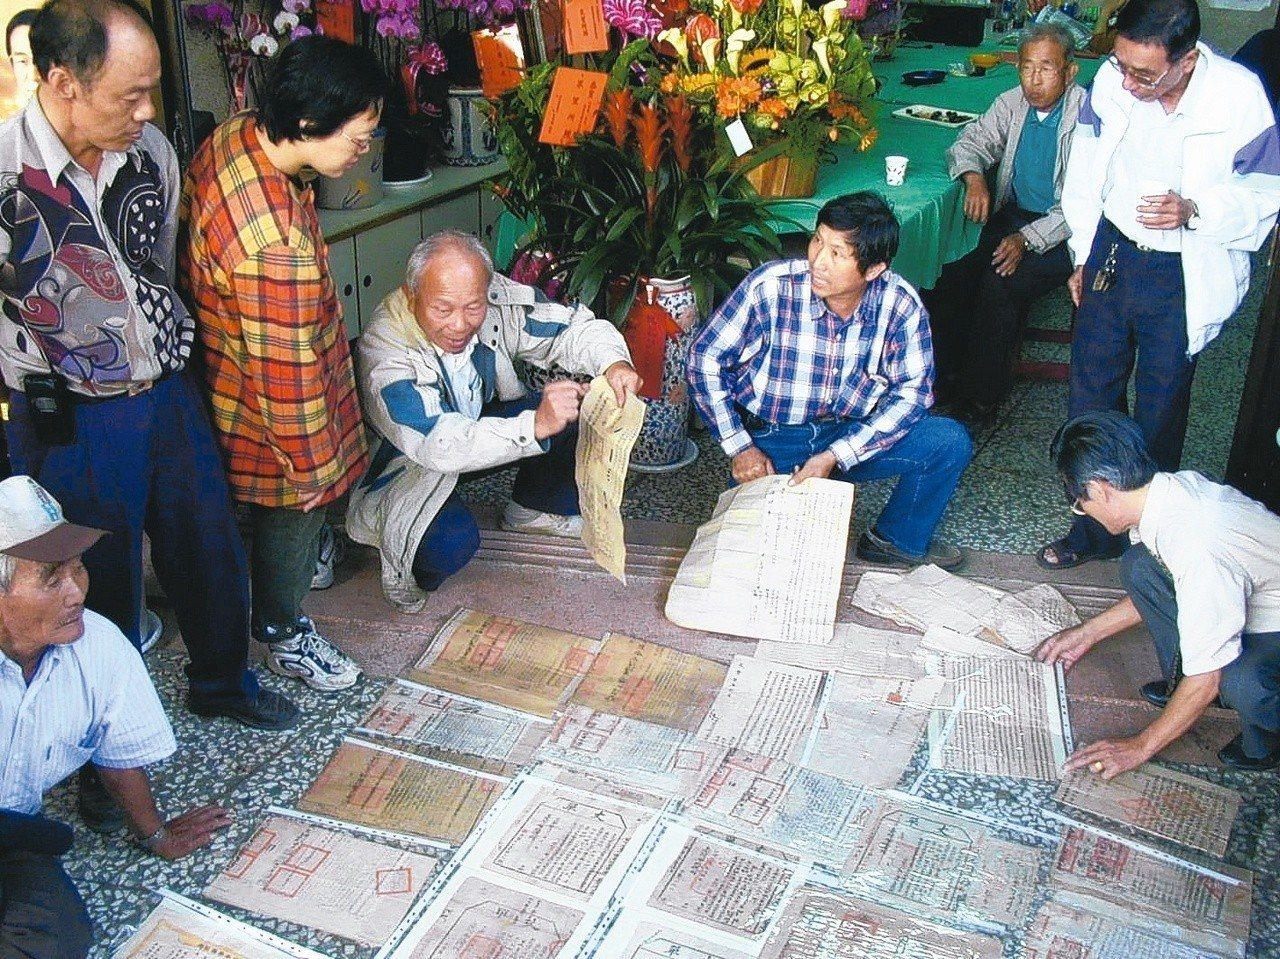 社頭鄉民劉祿欣(右四)珍藏老舊的土地買賣契約書,琳瑯滿目。 圖/聯合報系資料照片